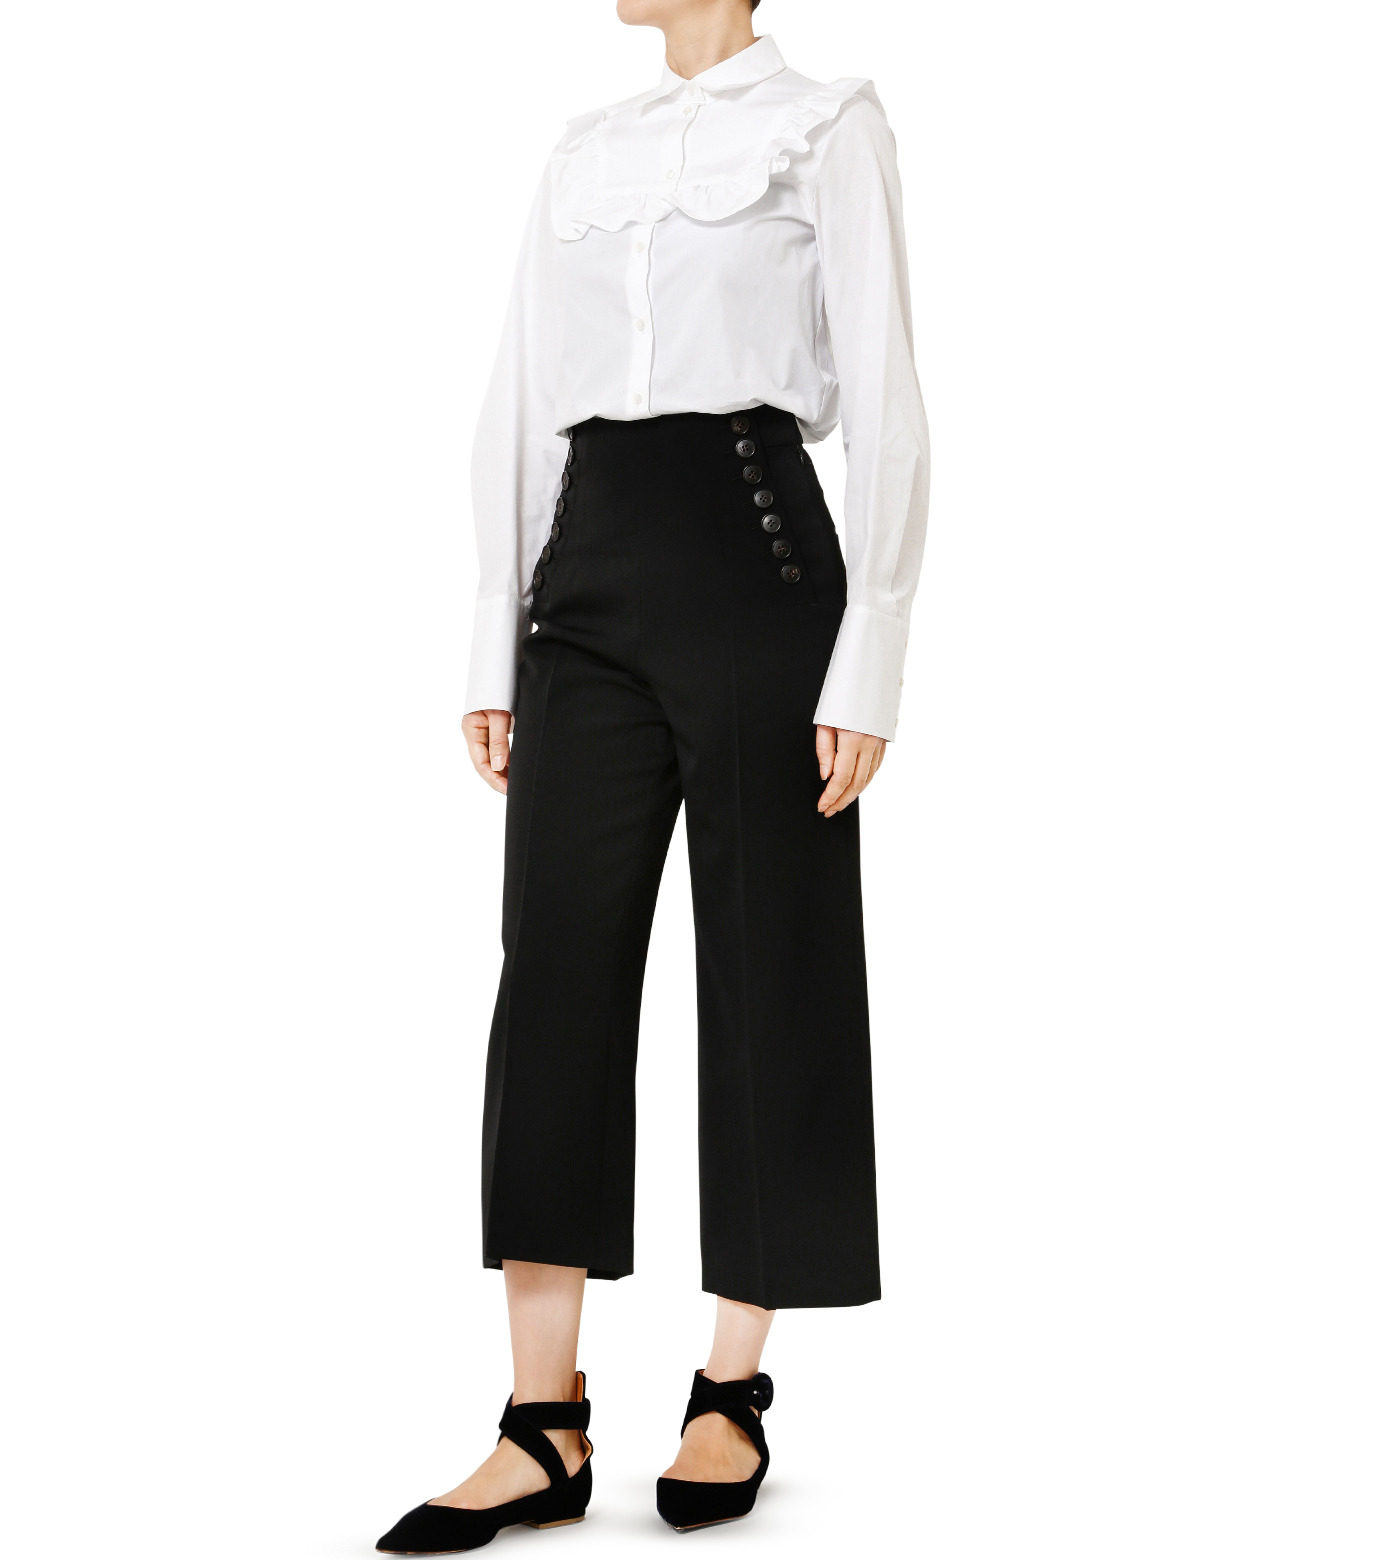 LE CIEL BLEU(ルシェルブルー)のタキシードコルセットパンツ-BLACK(パンツ/pants)-18A68513 拡大詳細画像3